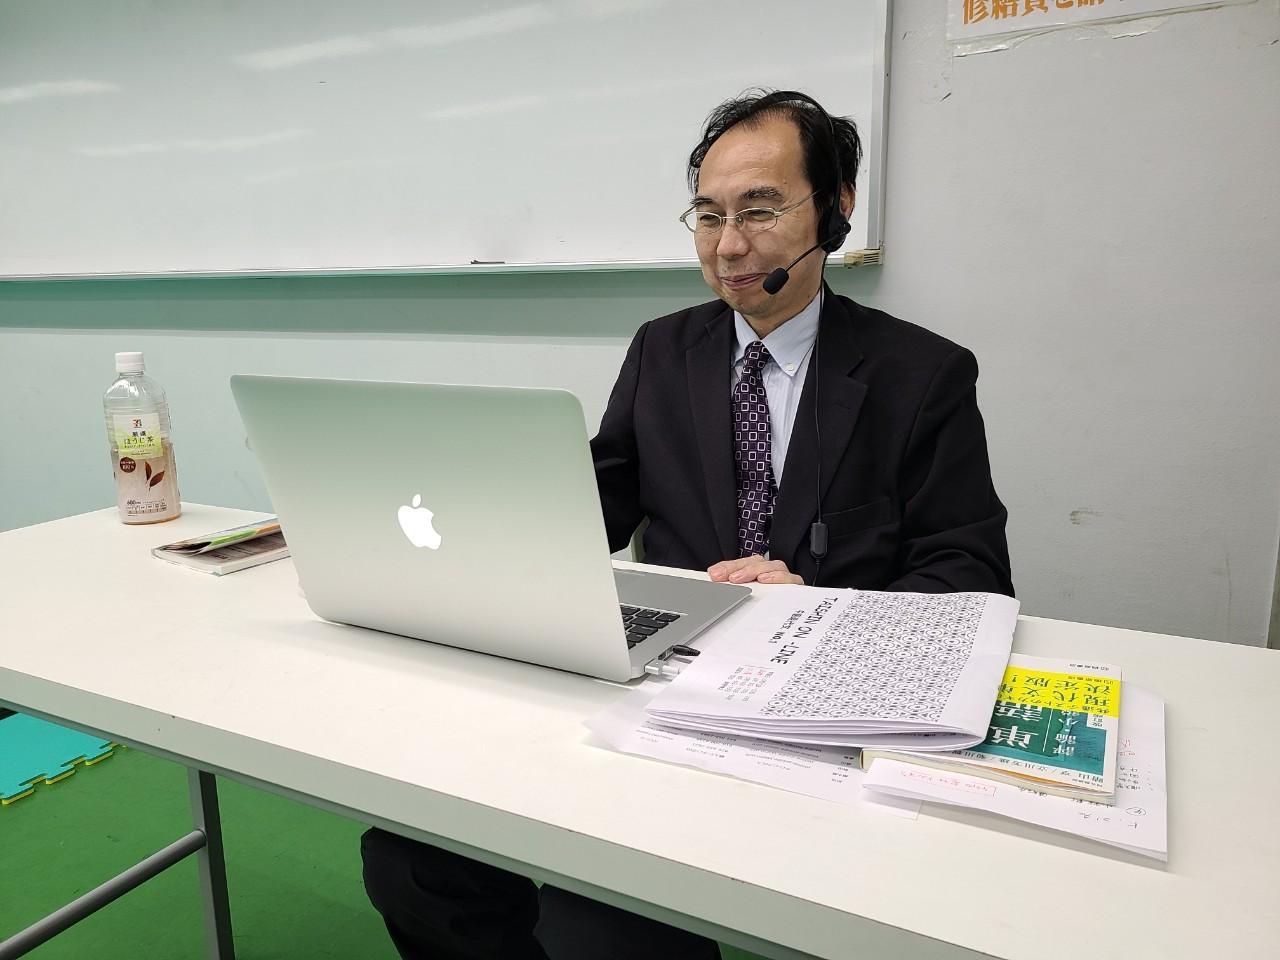 浦野先生の授業写真です_200706_7.jpg